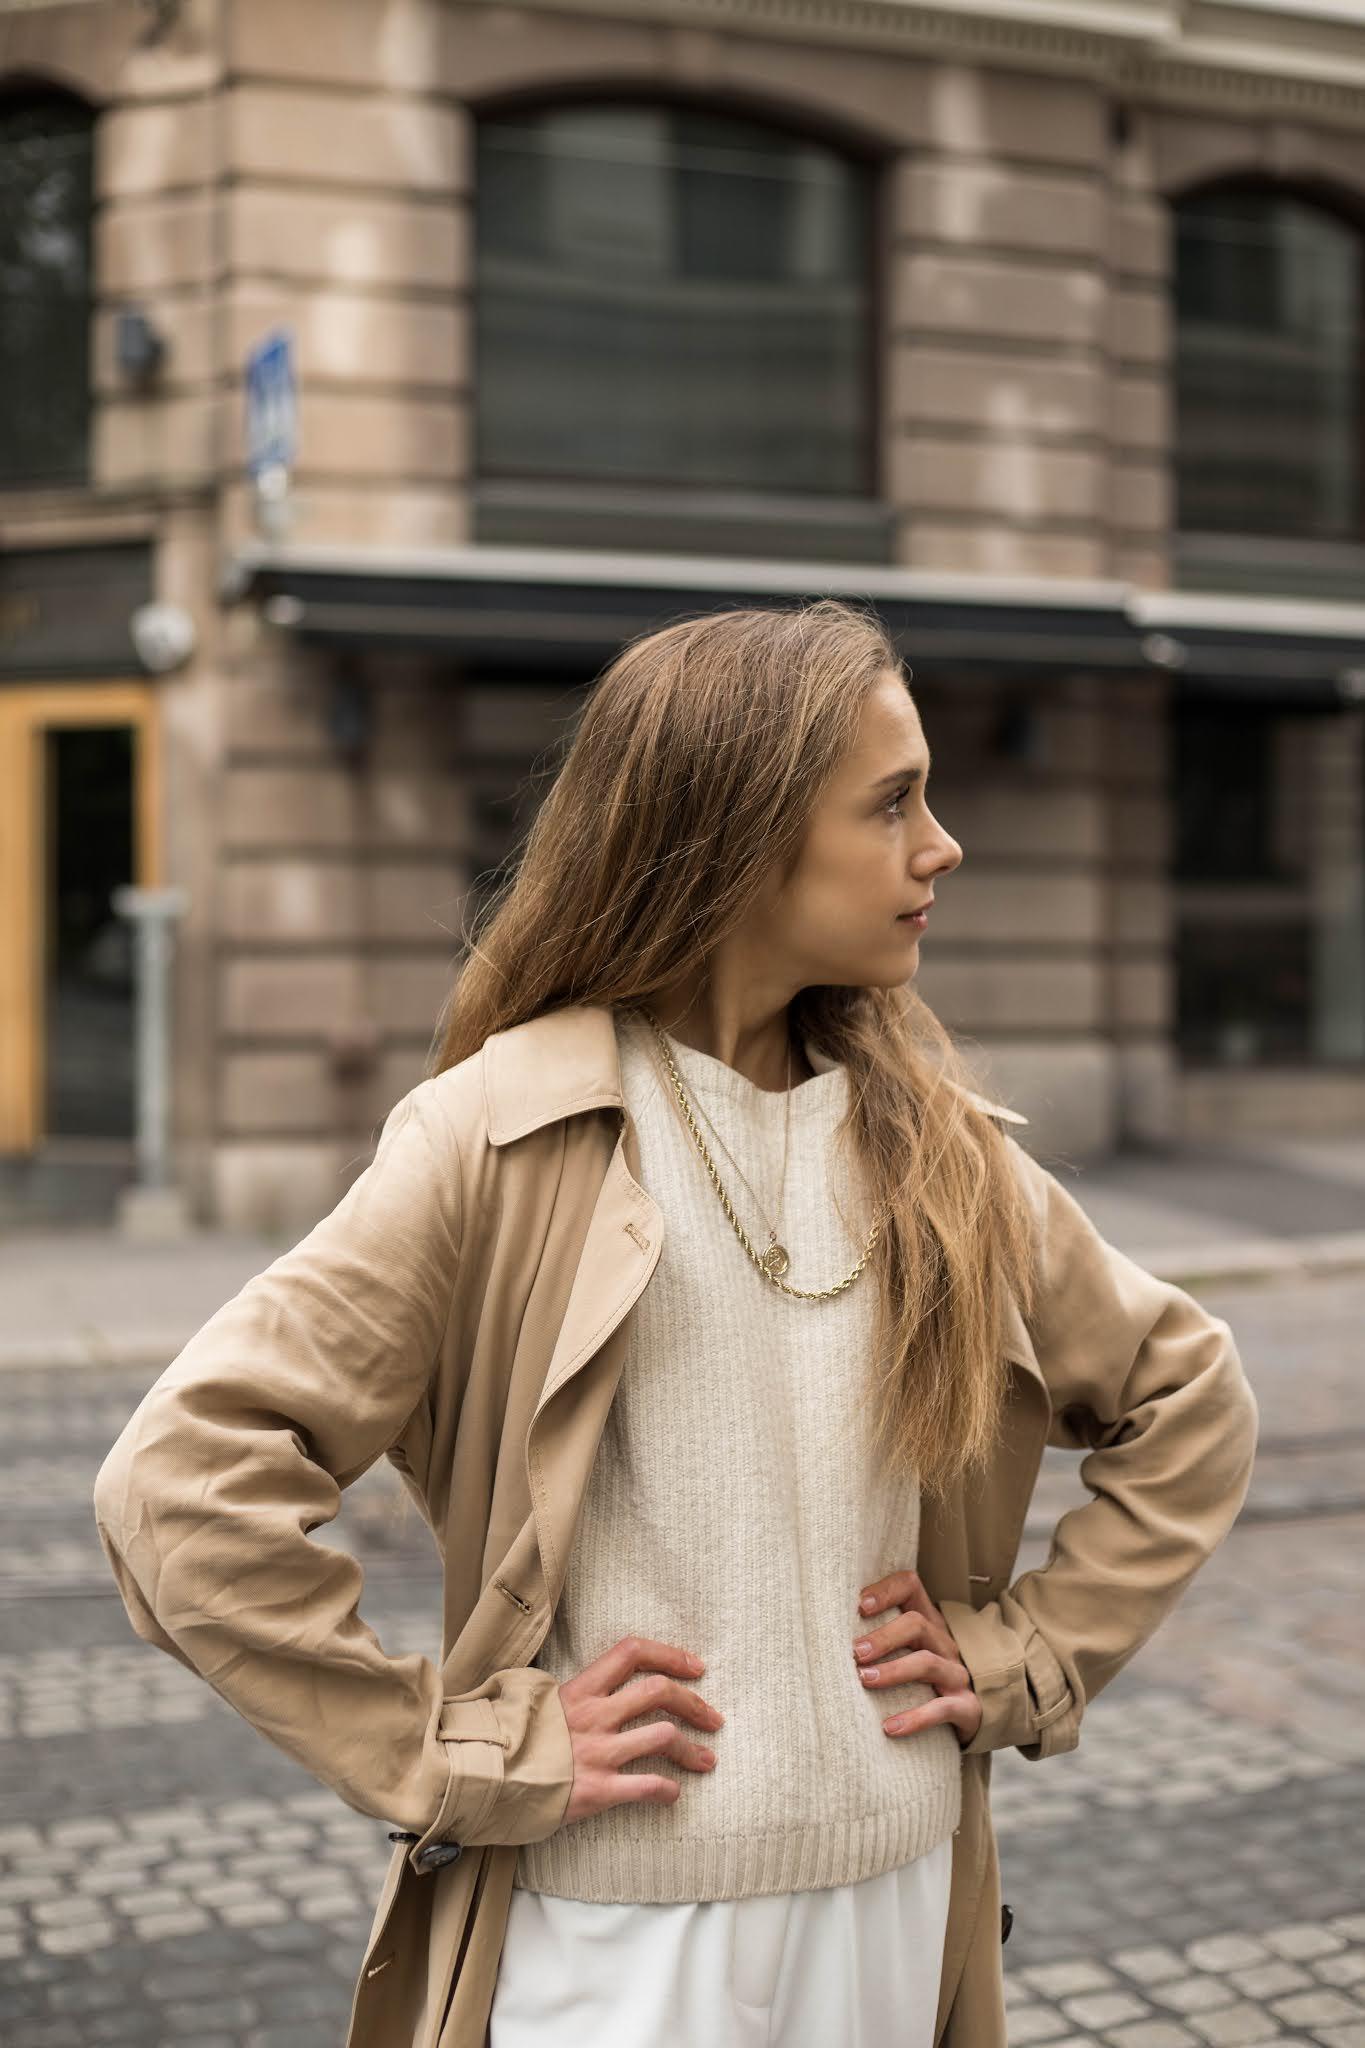 Kuinka yhdistää trenssitakki // How to wear trench coat